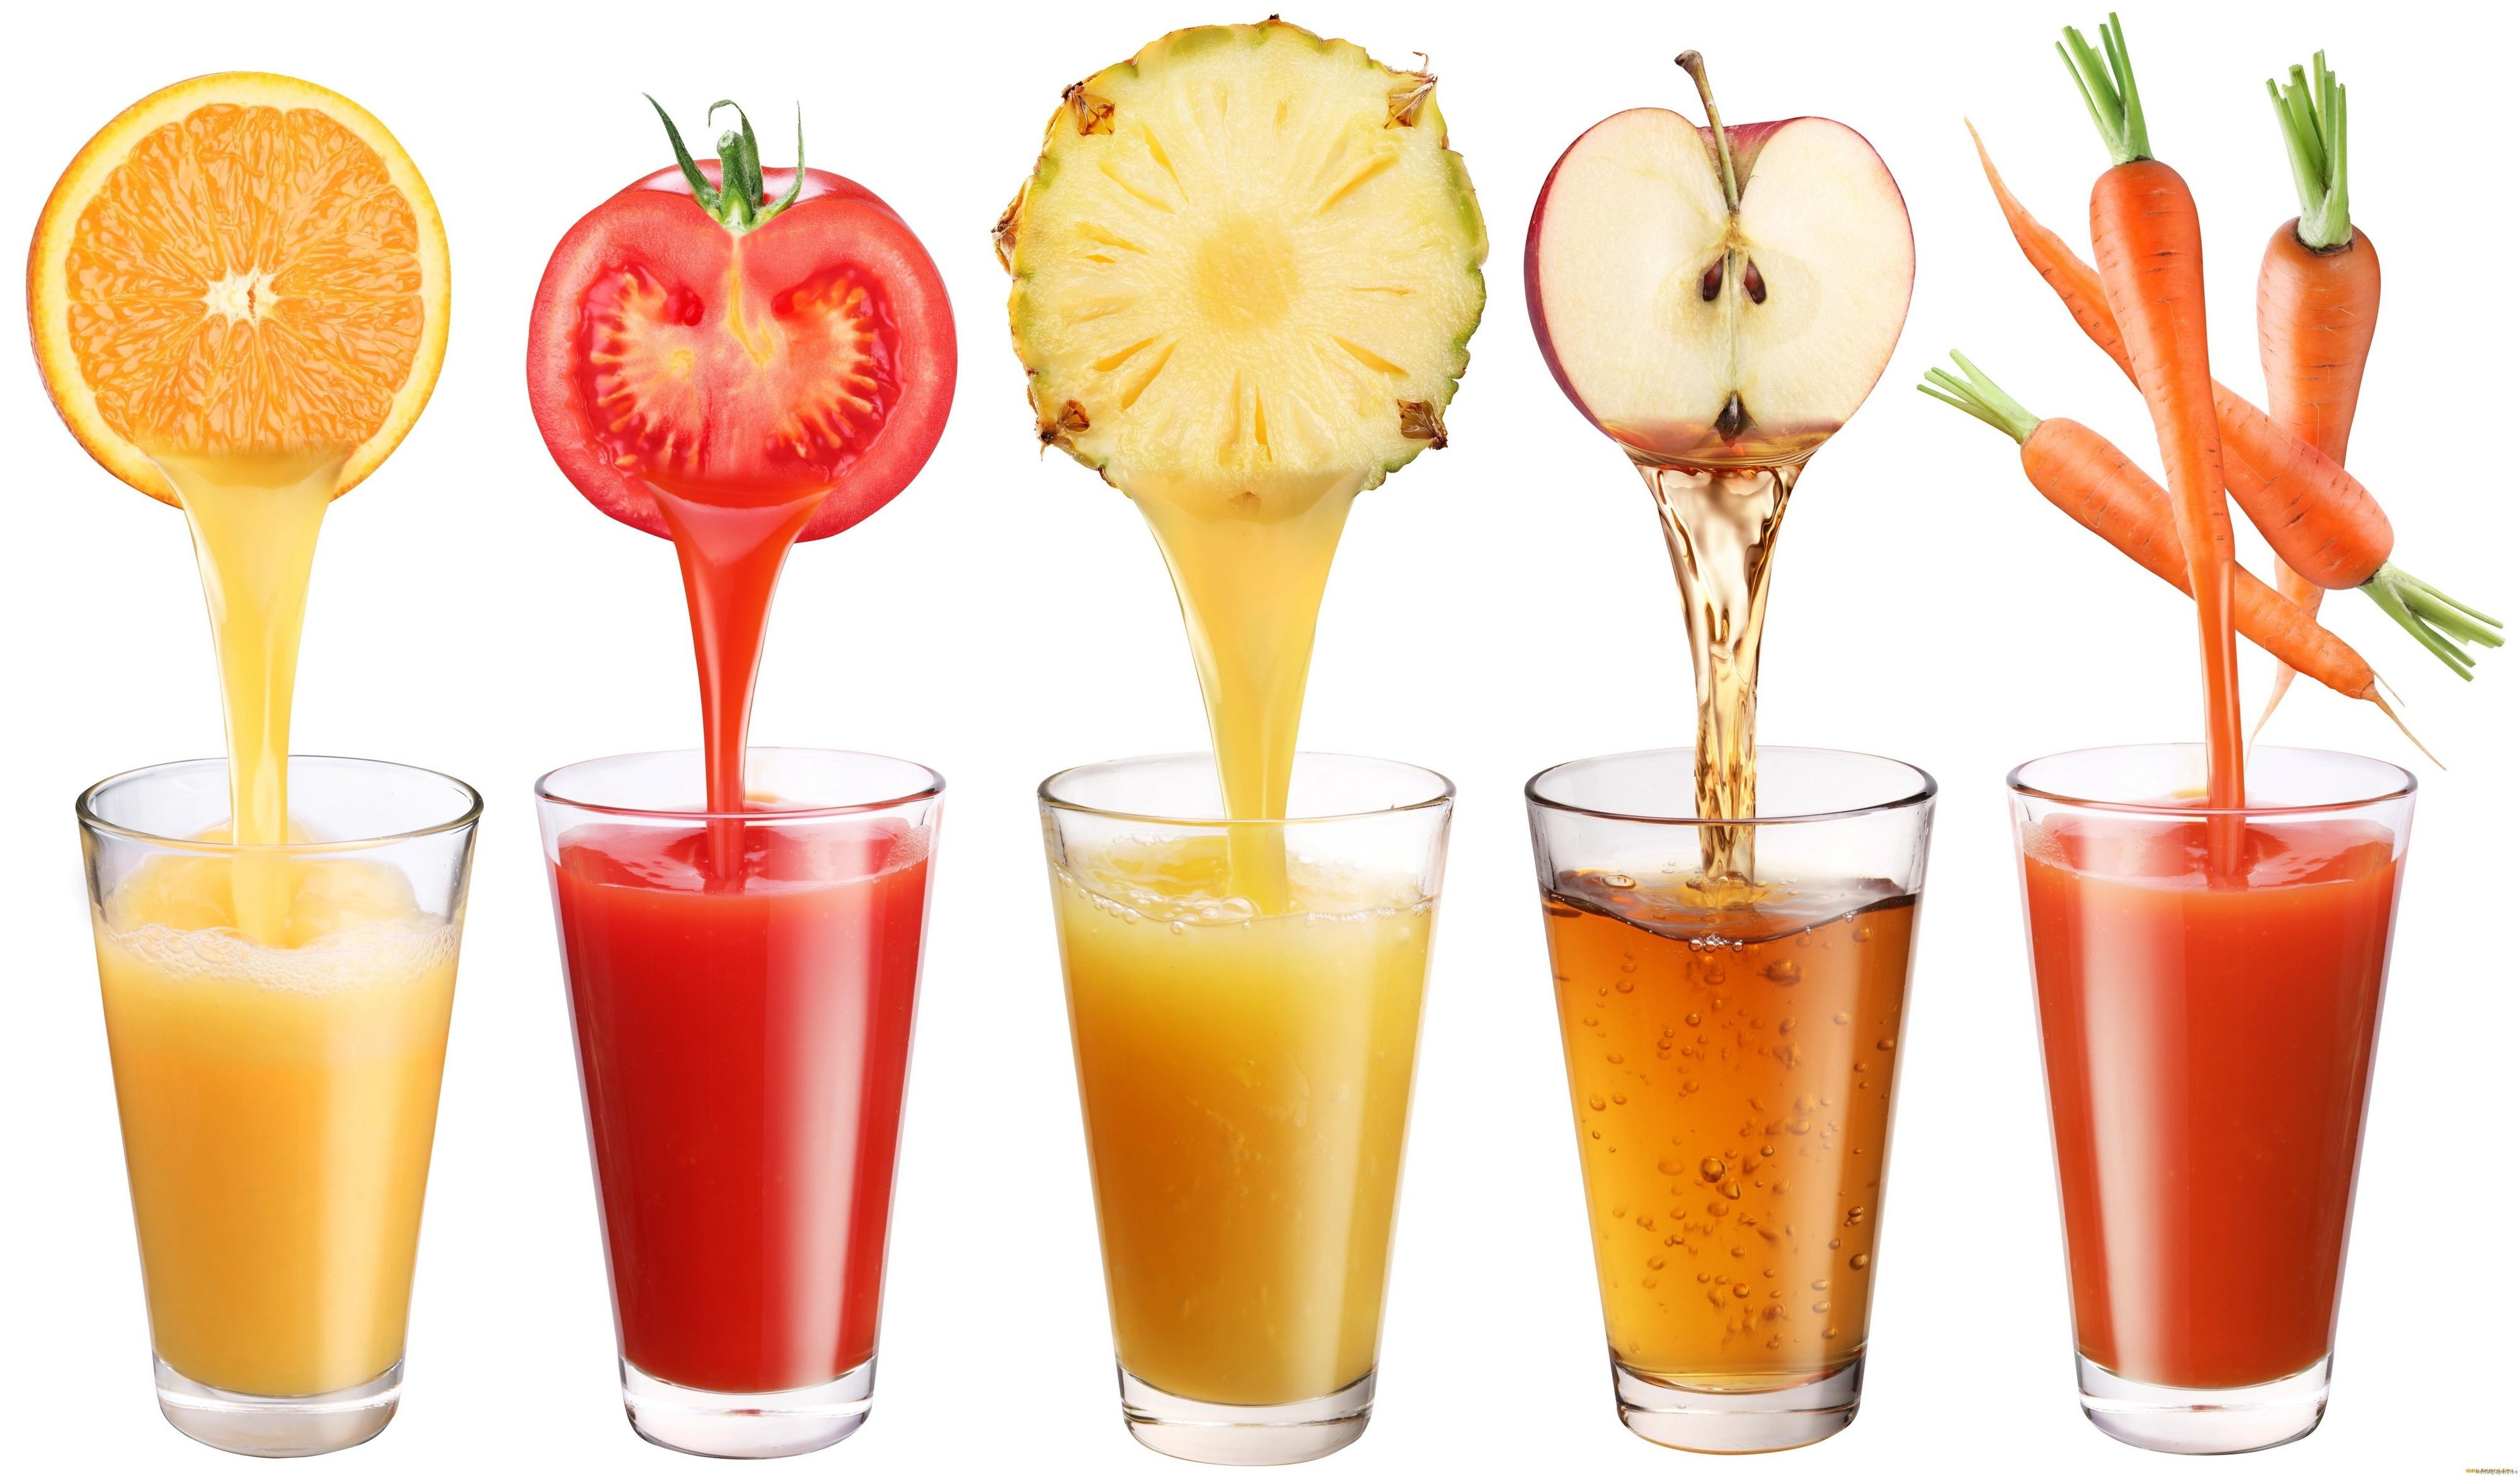 คำศ พท ภาษาจ น เคร องด ม 饮料 drink 飲物 음료수 part 1